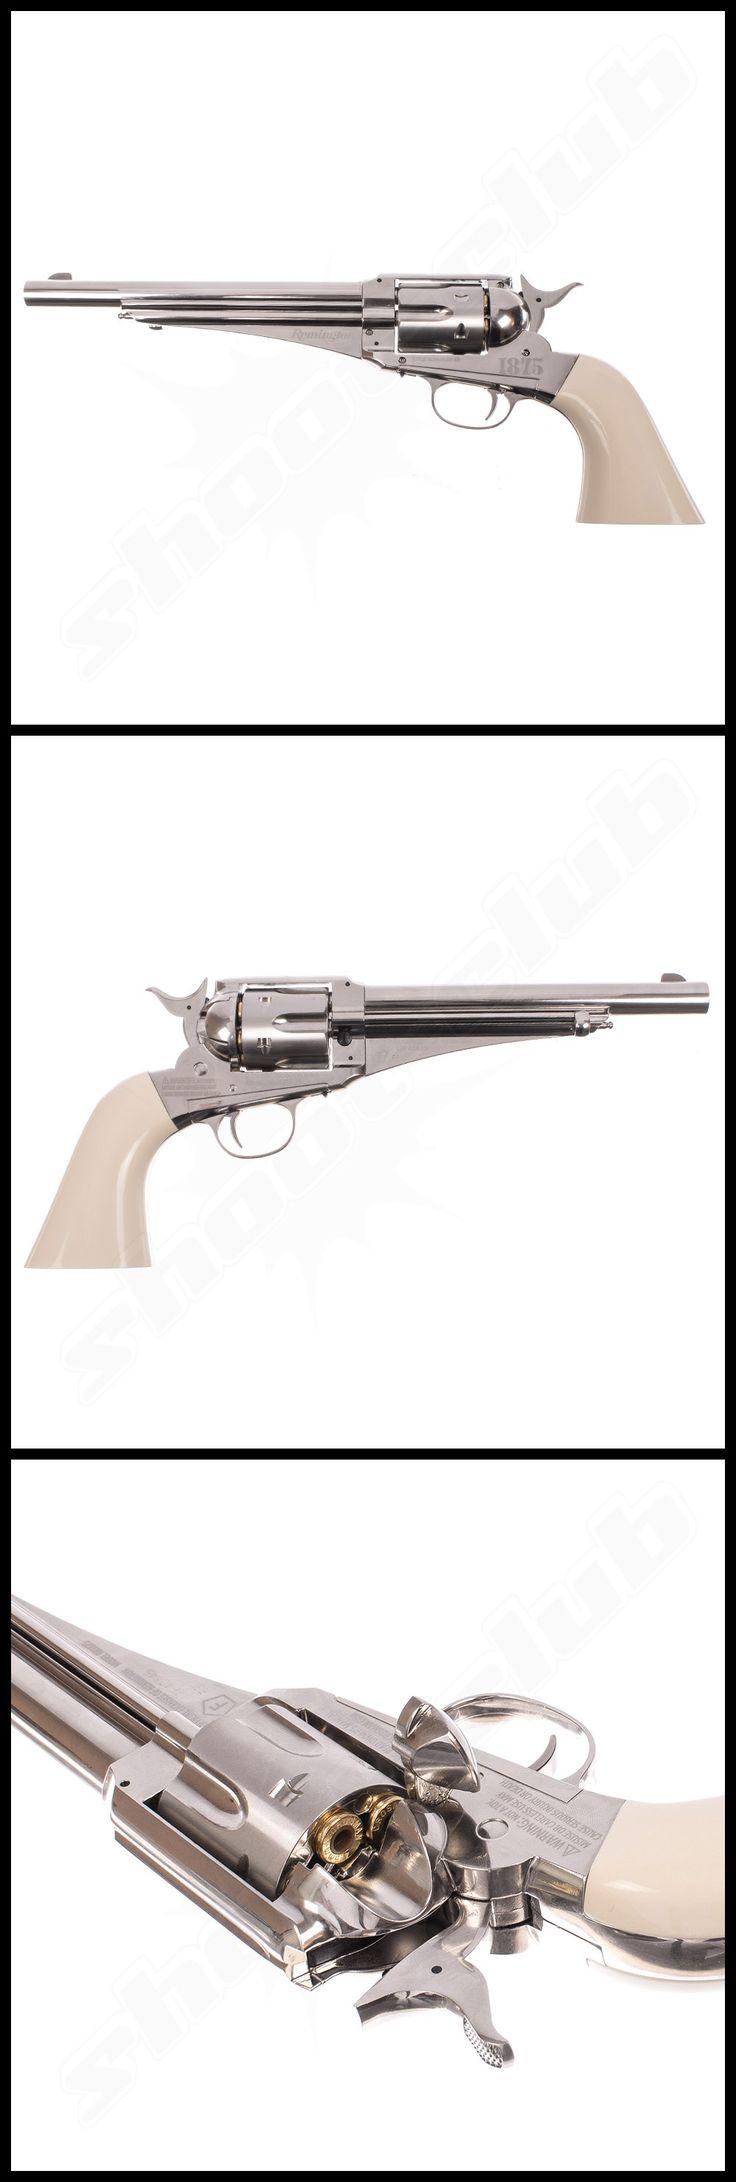 Remington 1875 Co2 Revolver im Kal. 4,5mm Diabolos    - weitere Informationen und Produkte findet Ihr auf www.shoot-club.de -    #shootclub #guns #revolver